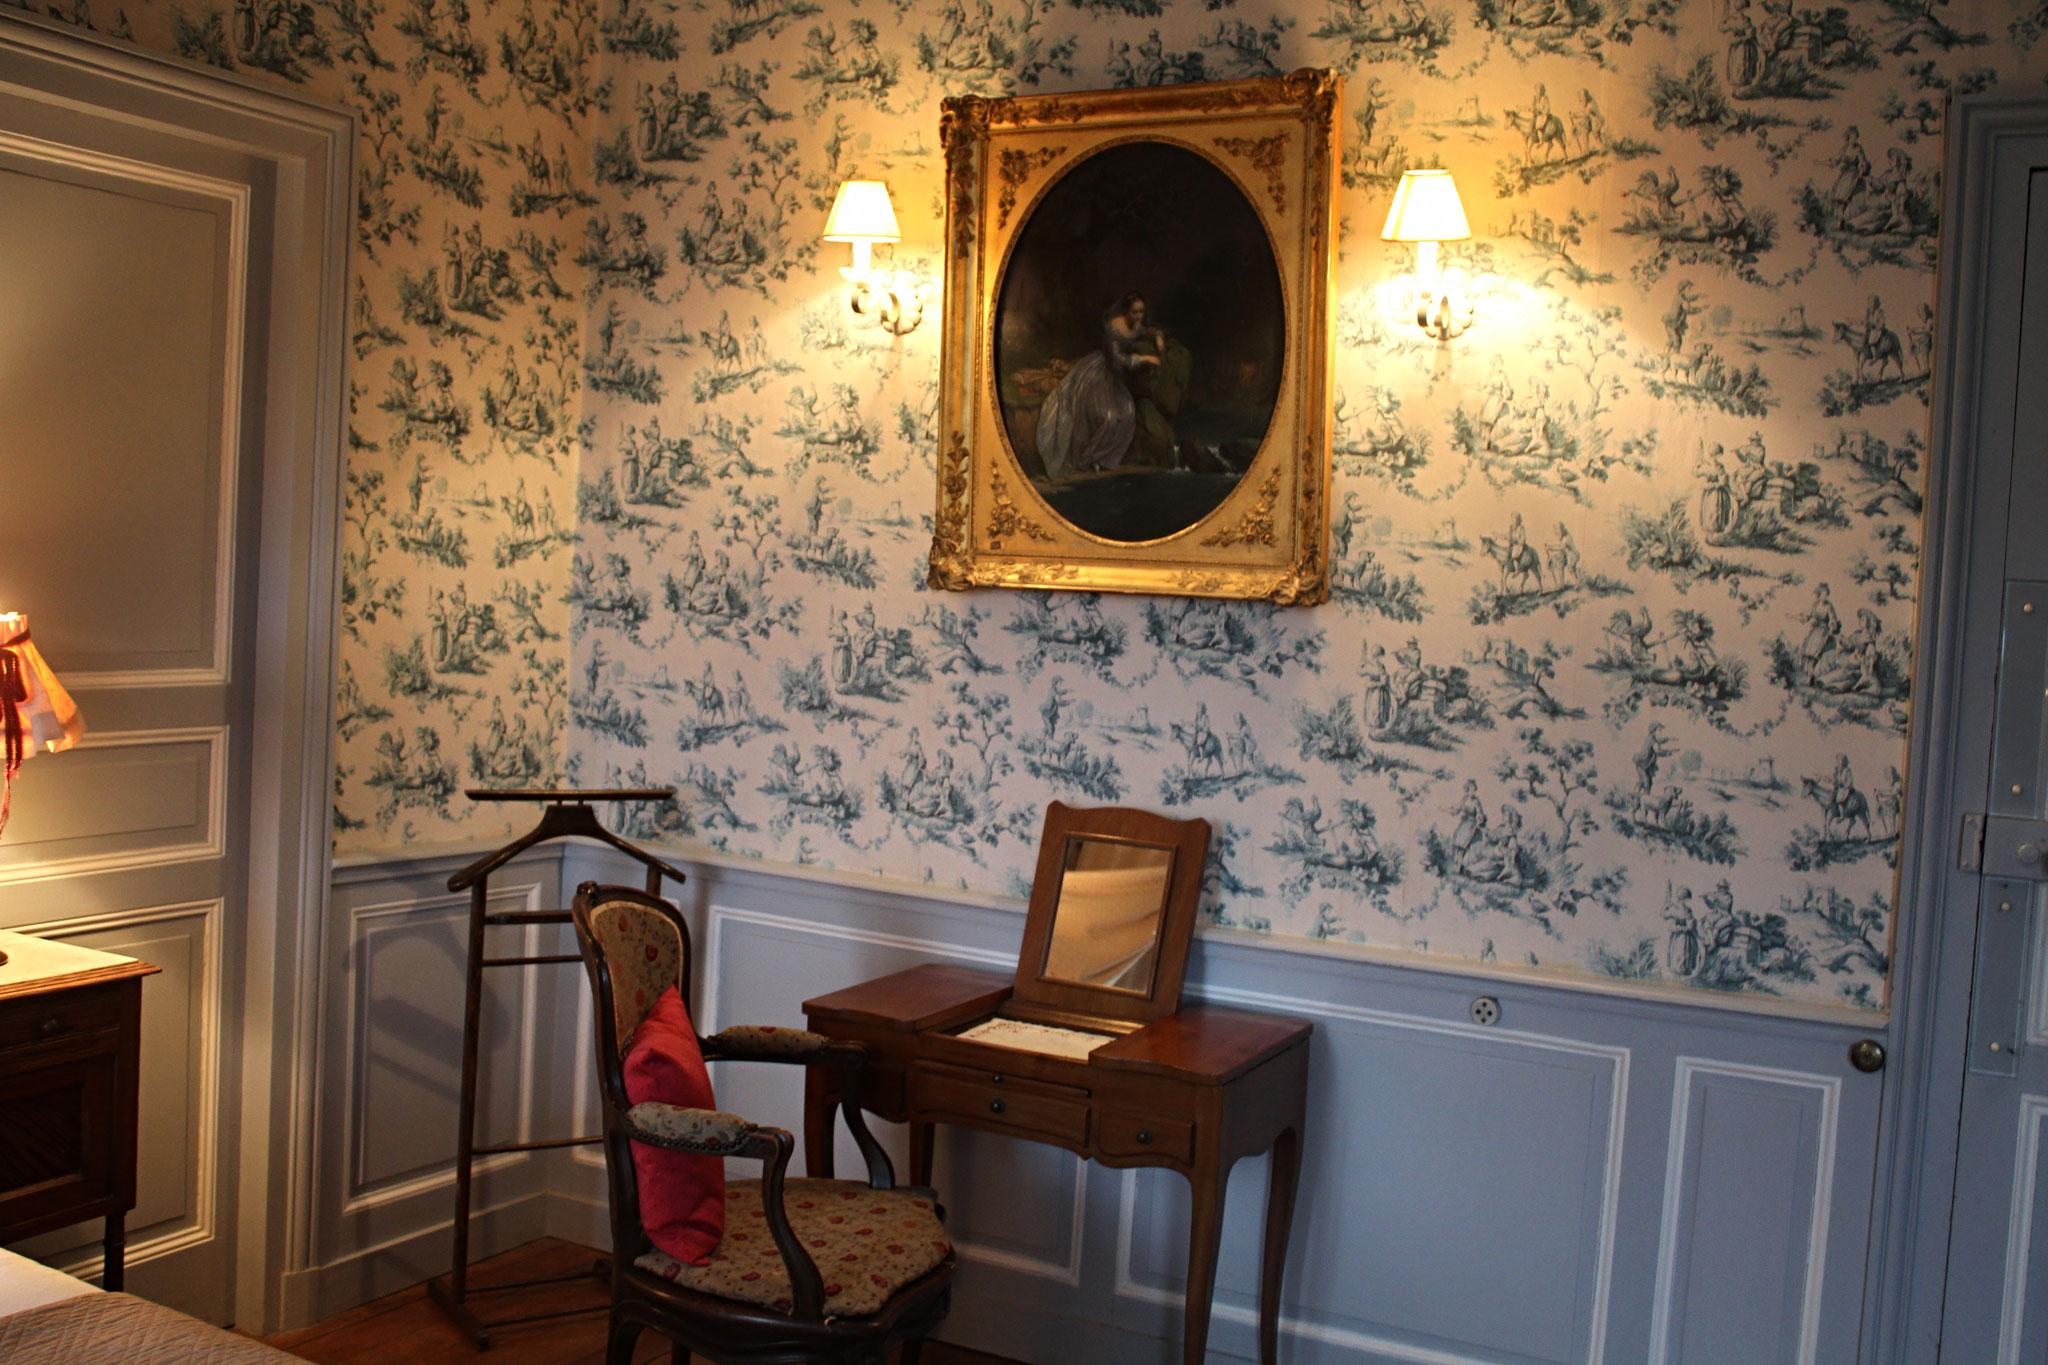 Chambre d 39 hote de charme ch teau du val d 39 arguenon chambres d 39 h tes cabanes dans les arbres gites - Chambre hote dans les arbres ...